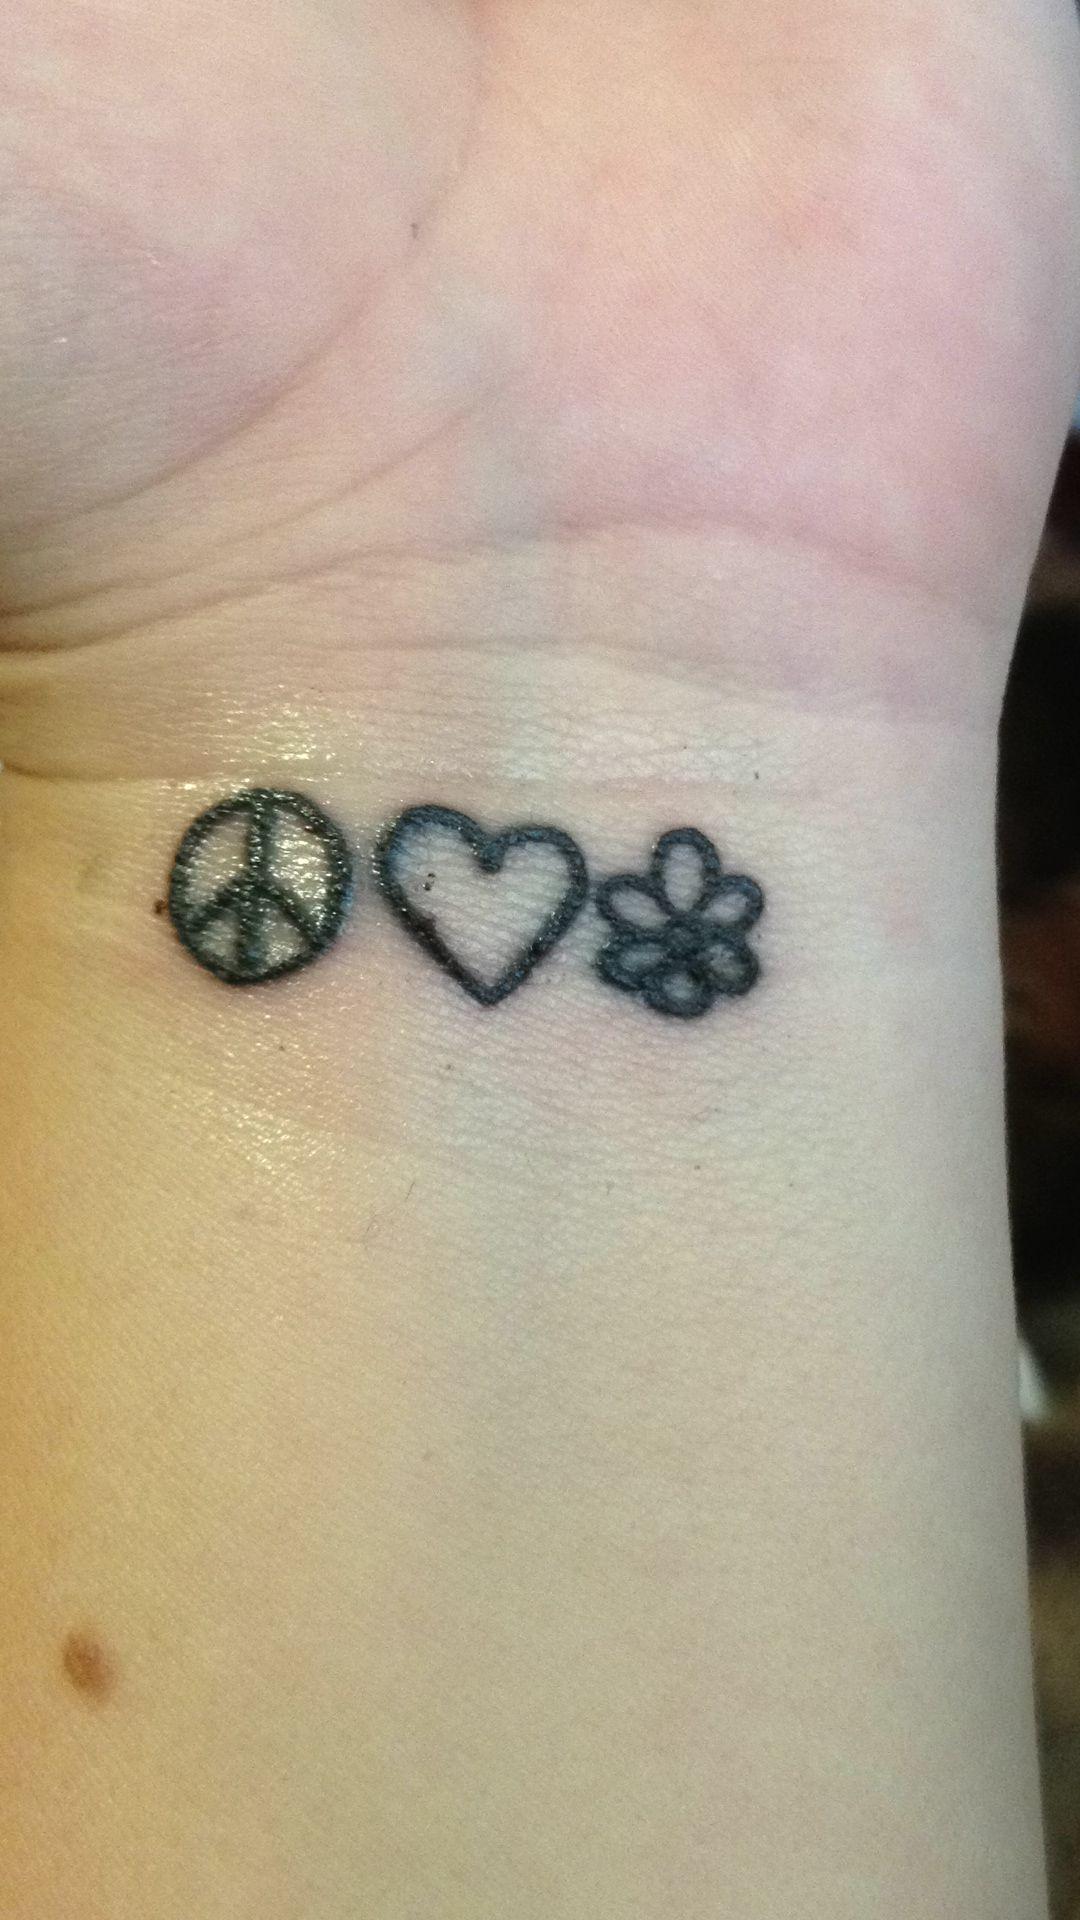 Peace, love, happiness wrist tattoo Tattoos, Wrist